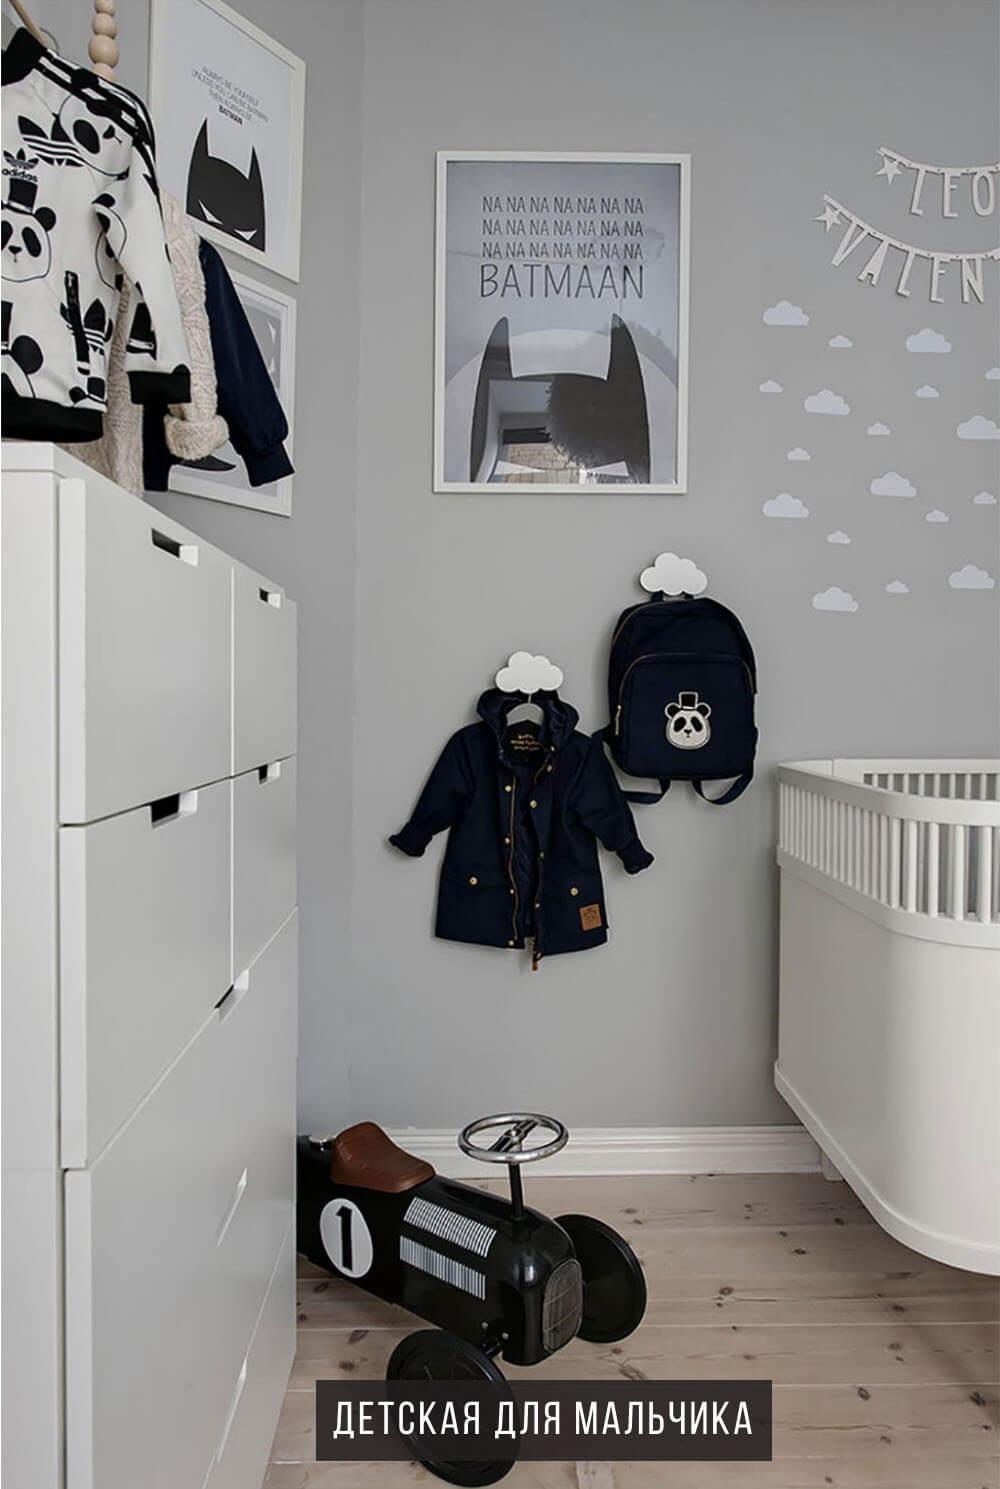 Как оформить стены деткой для мальчика